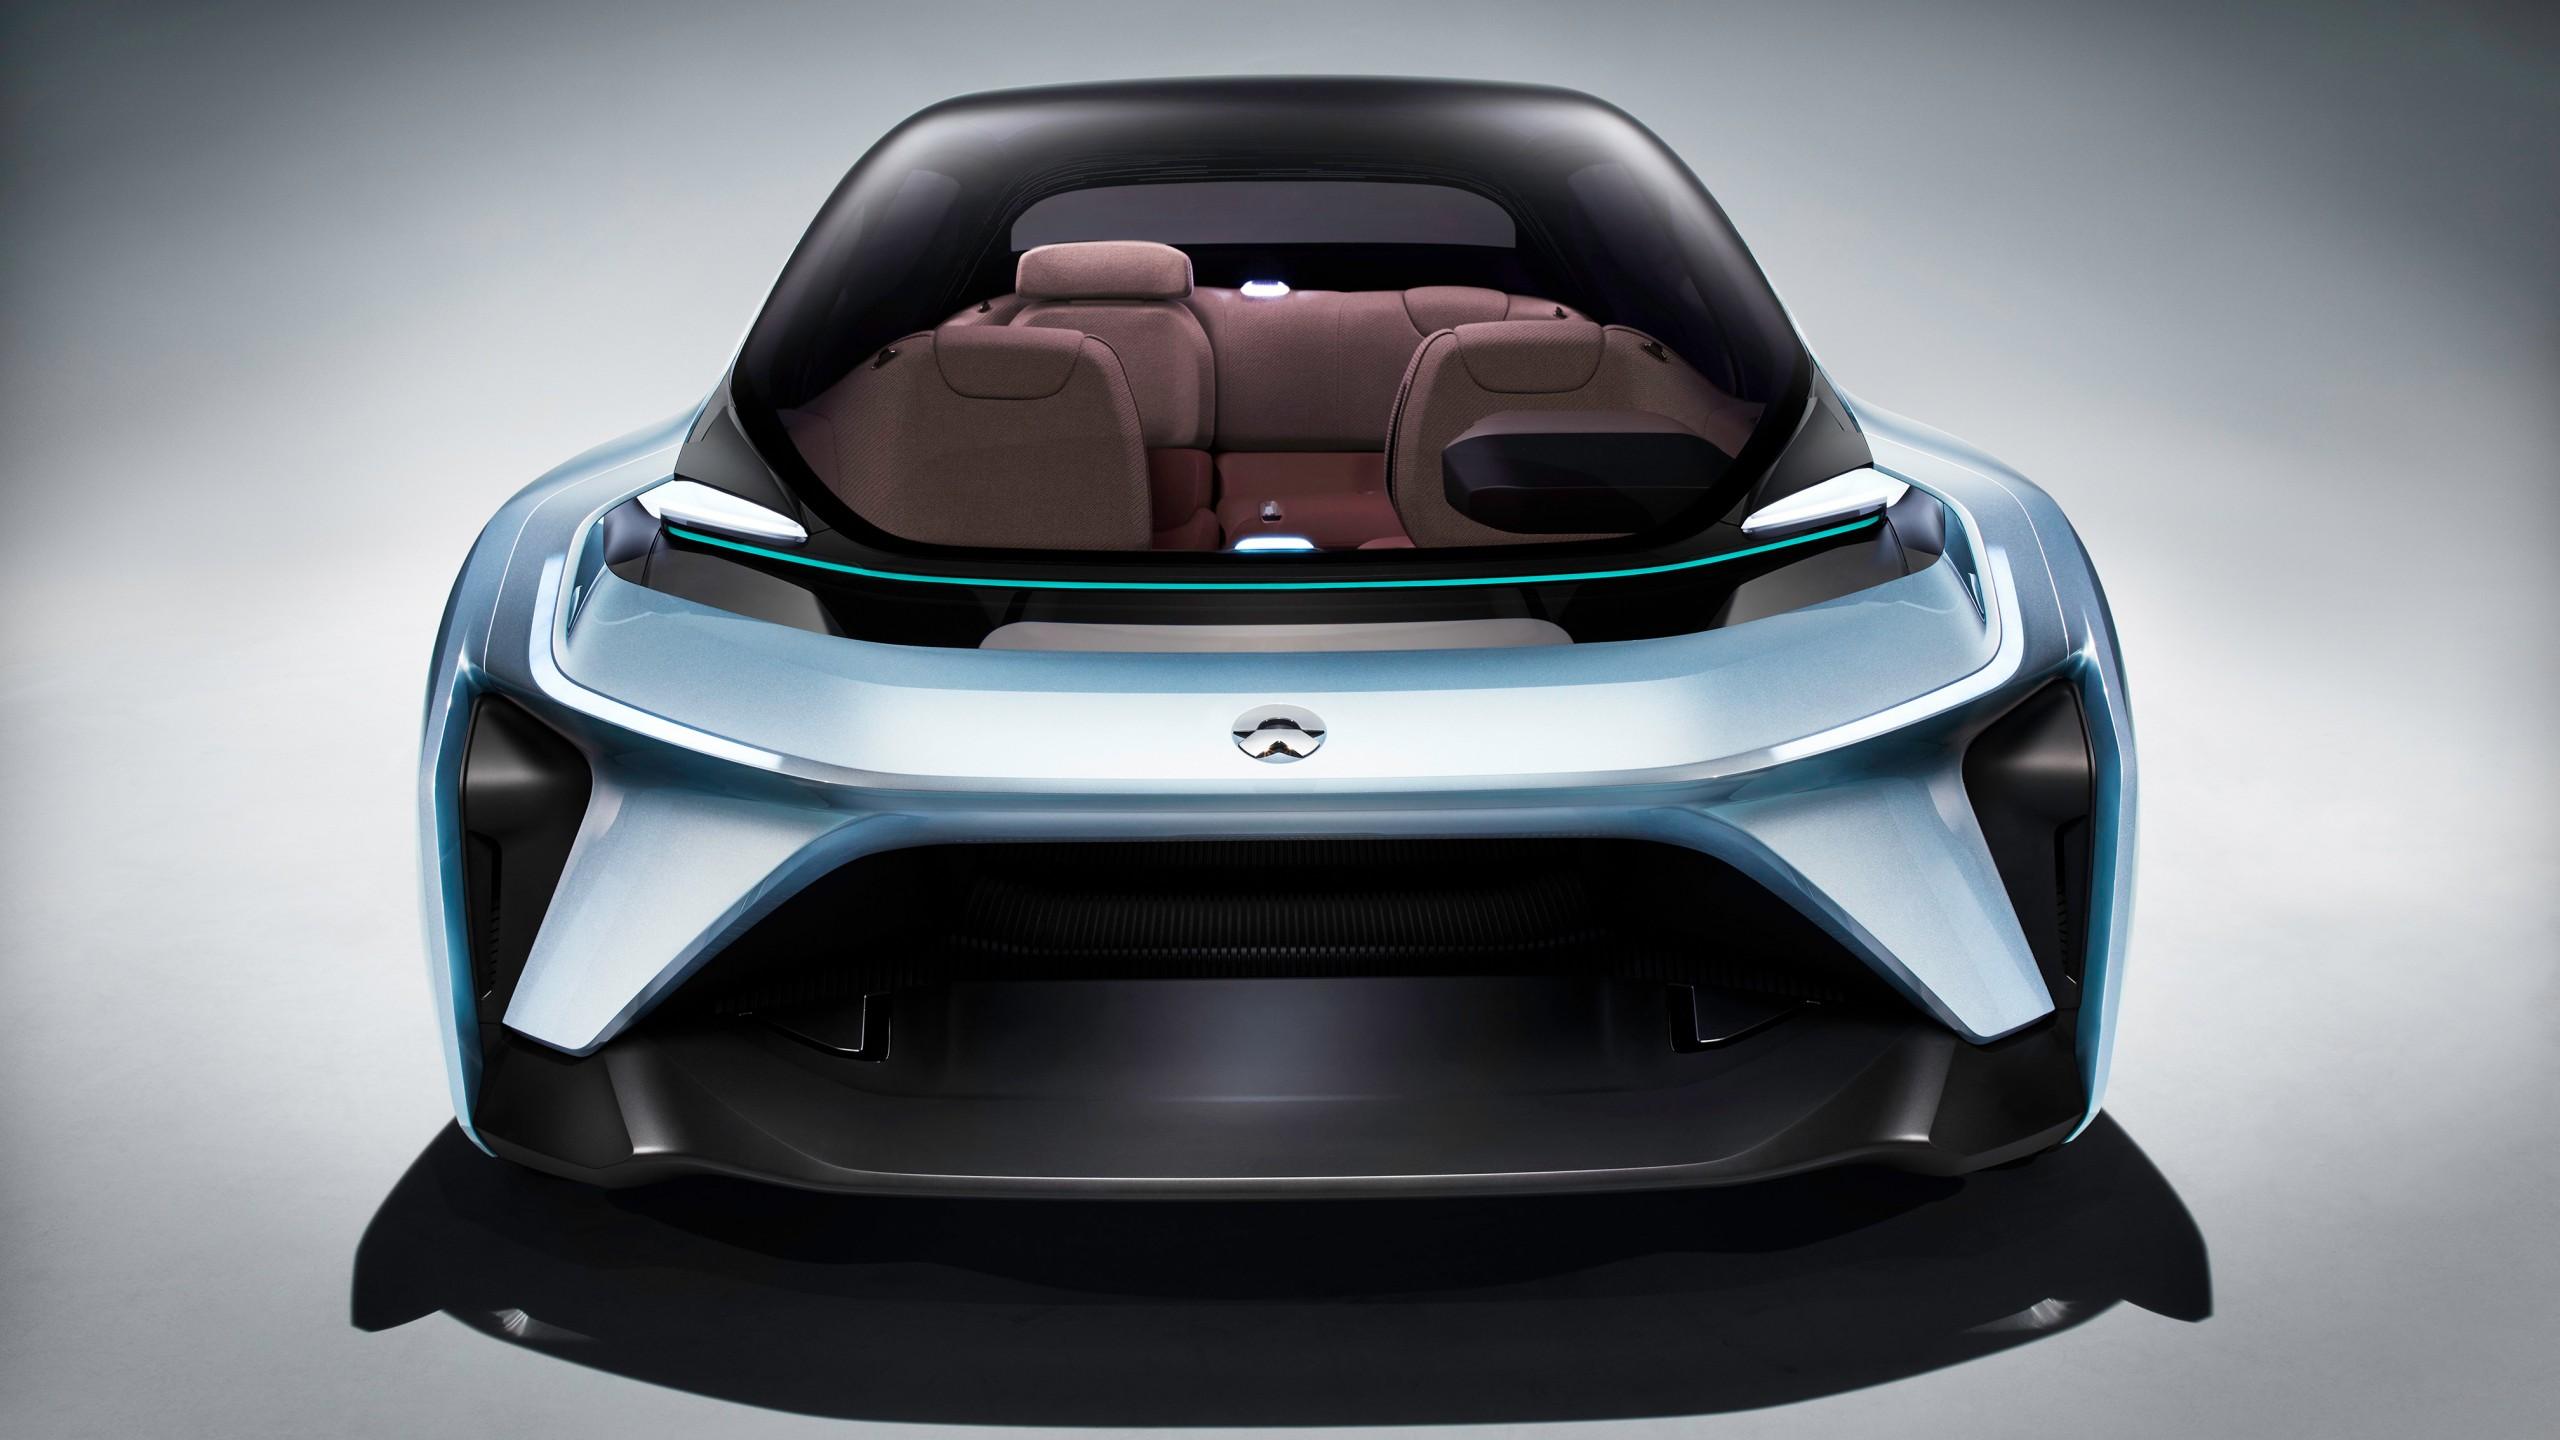 Nio Eve Concept Car 4k 3 Wallpaper Hd Car Wallpapers